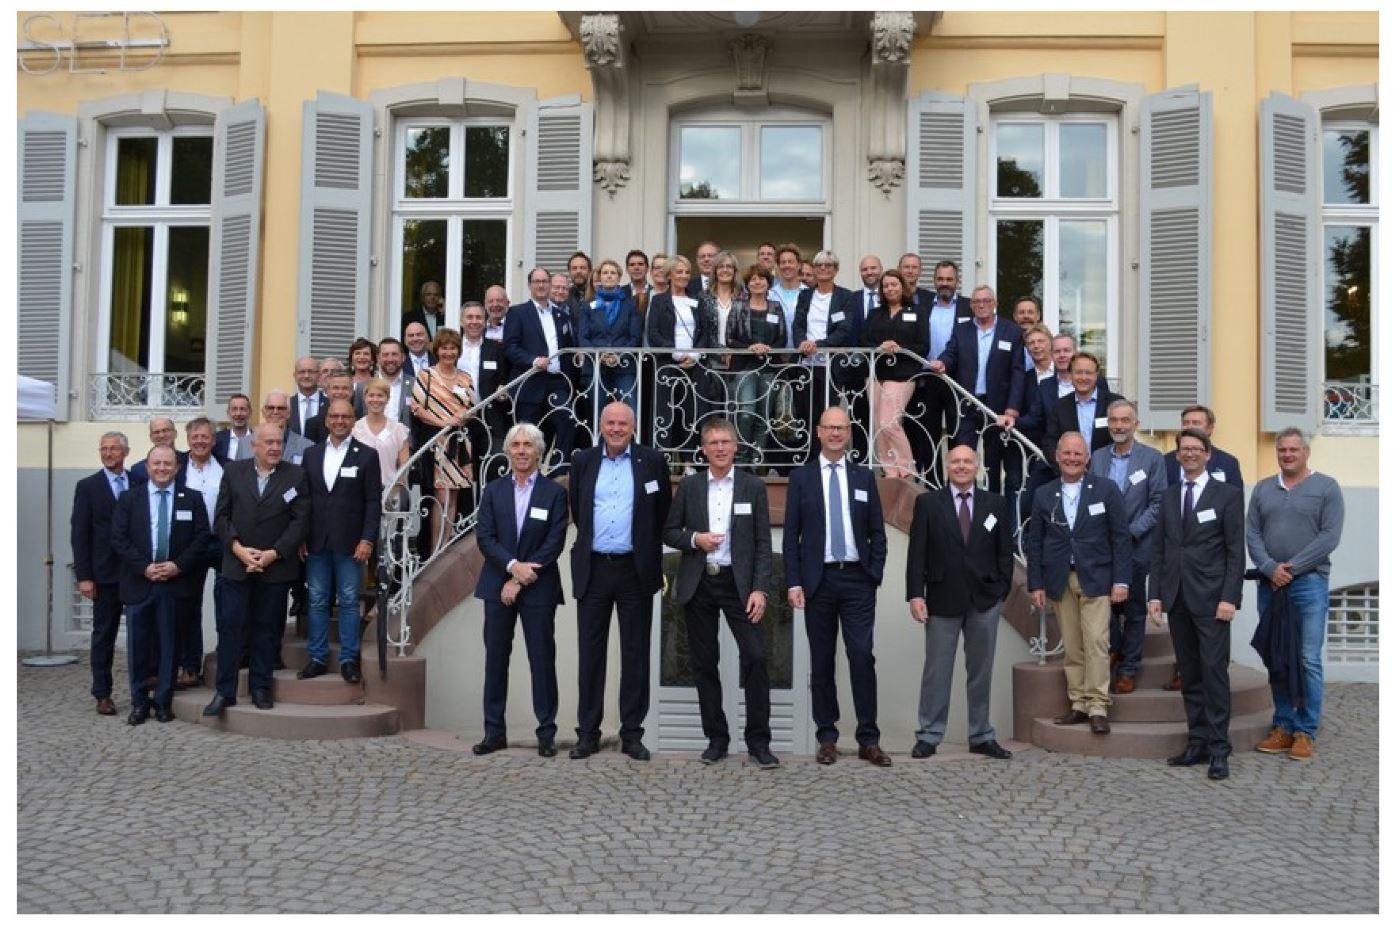 Standortbotschaftertreffen am 11.07.2019 im Schloss Morsbroich